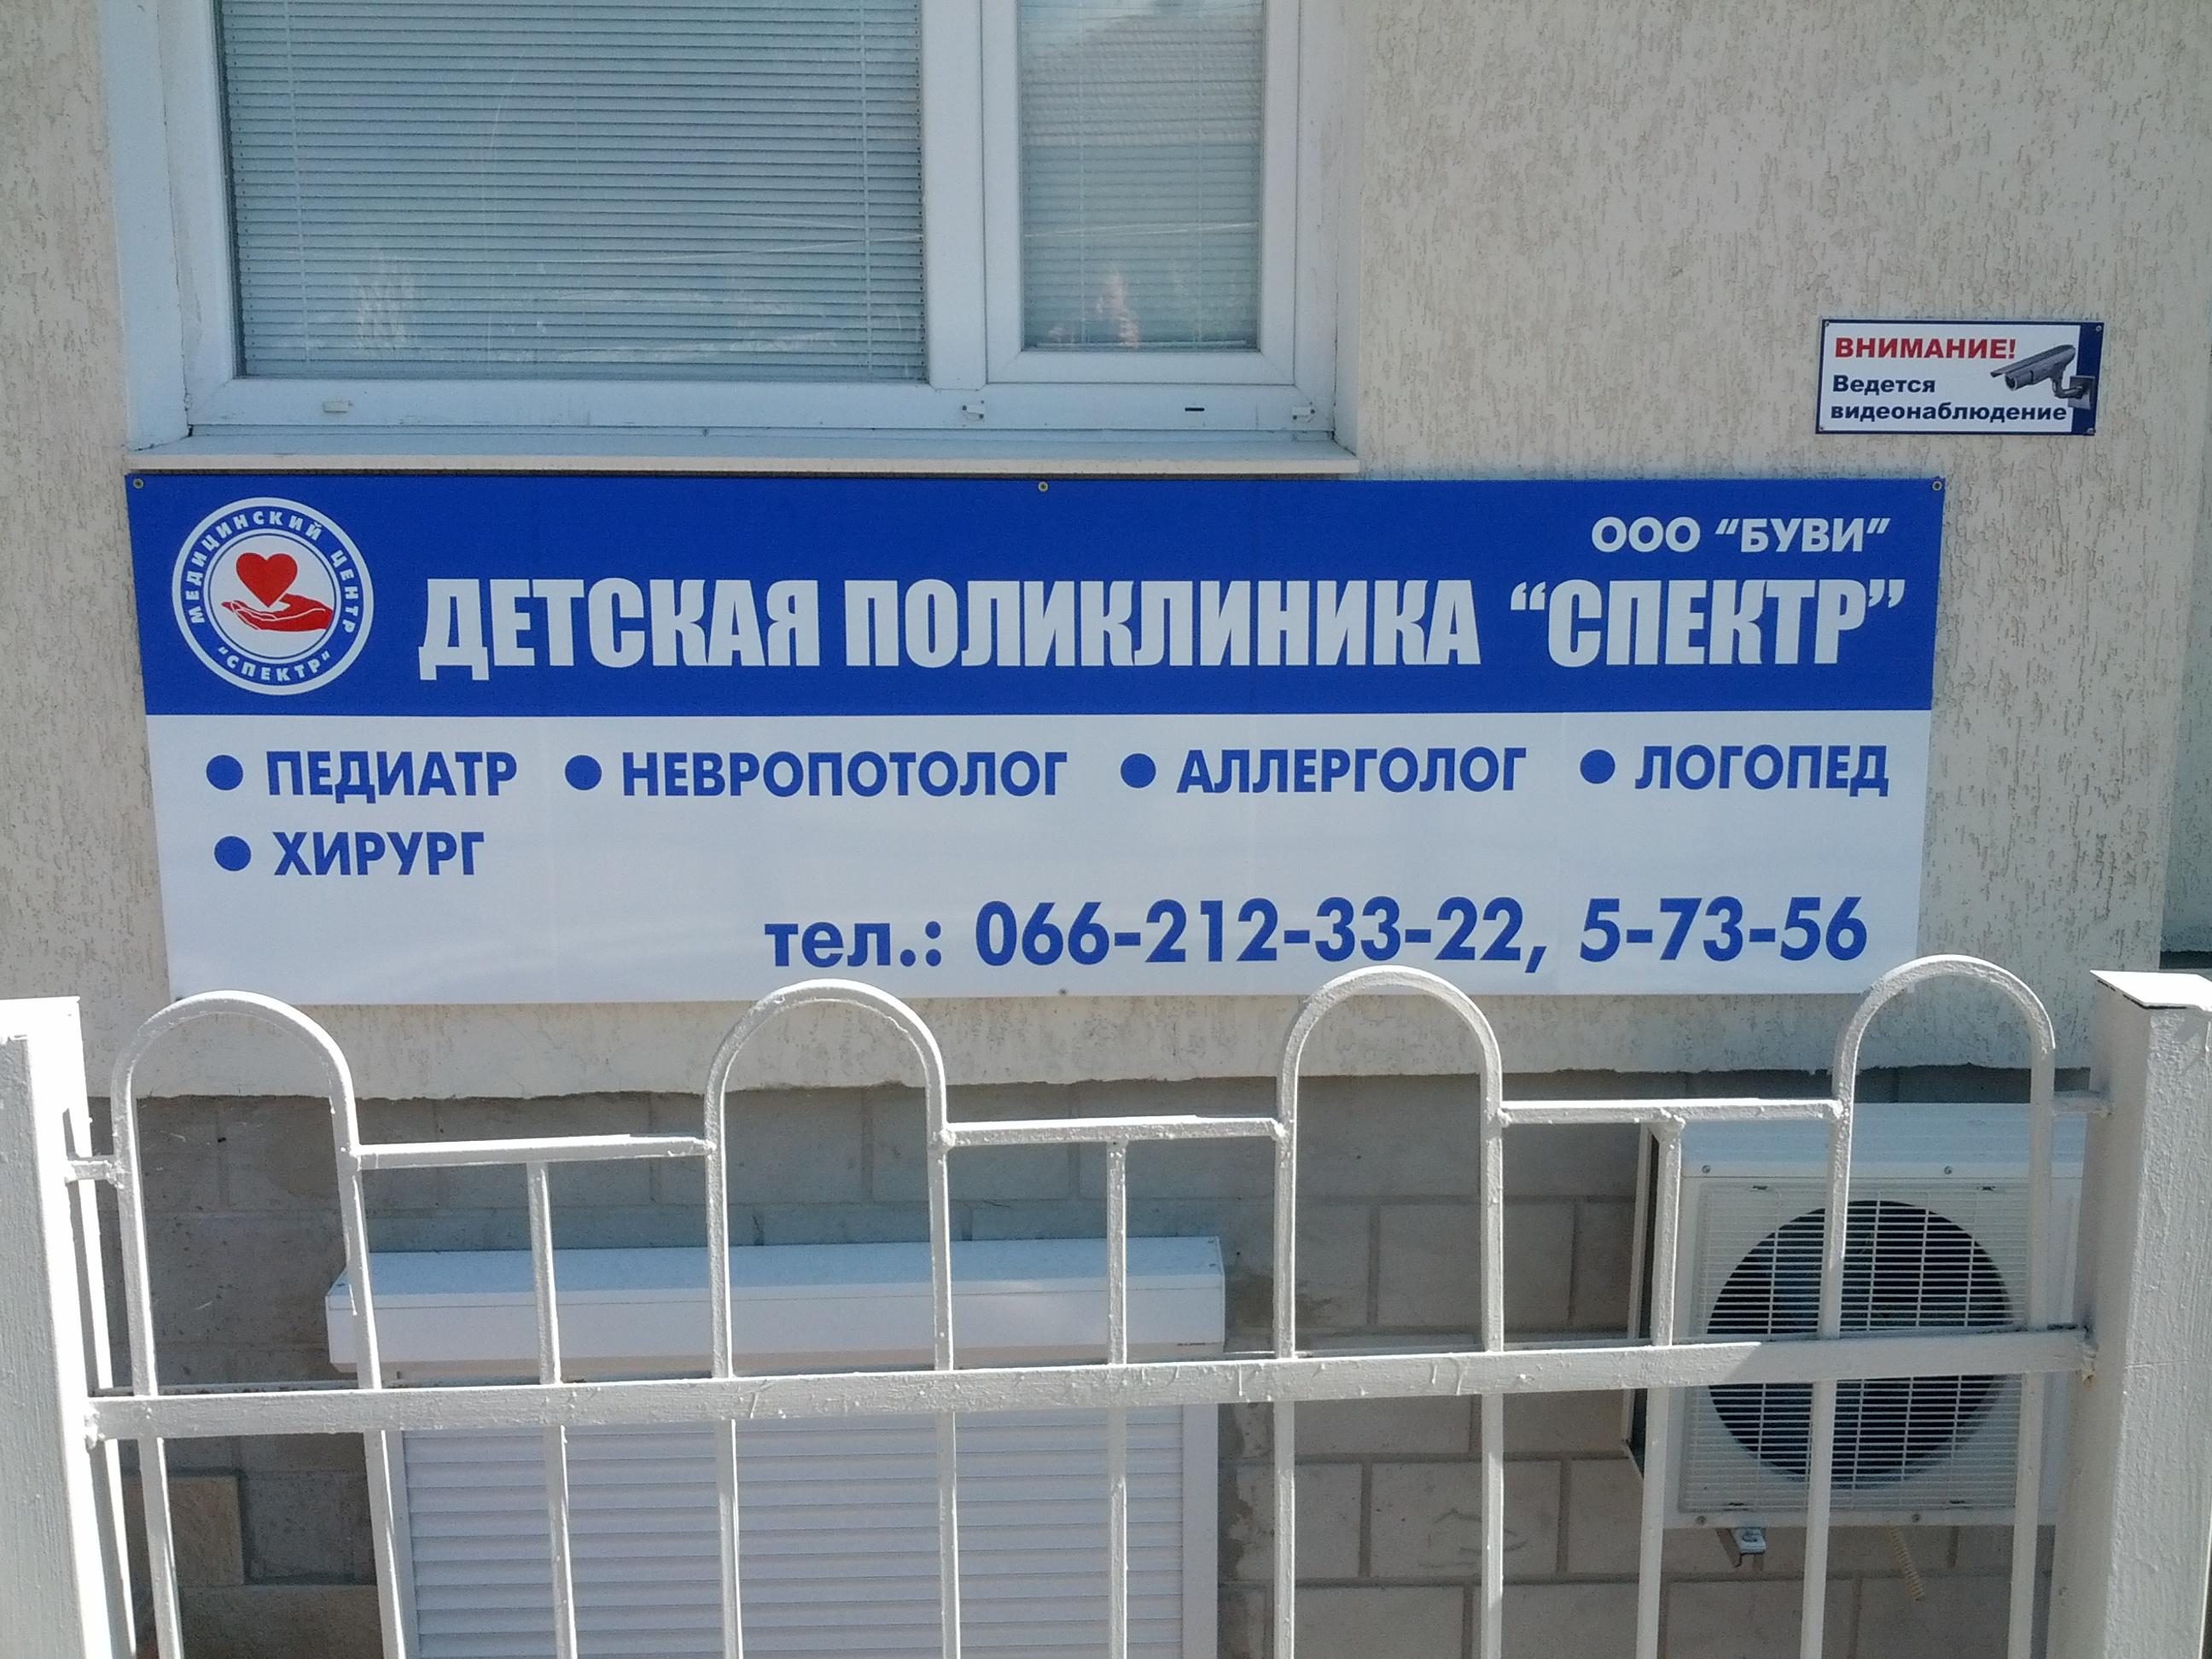 Фирма: ООО «БУВИ» Детская поликлиника «Спектр»